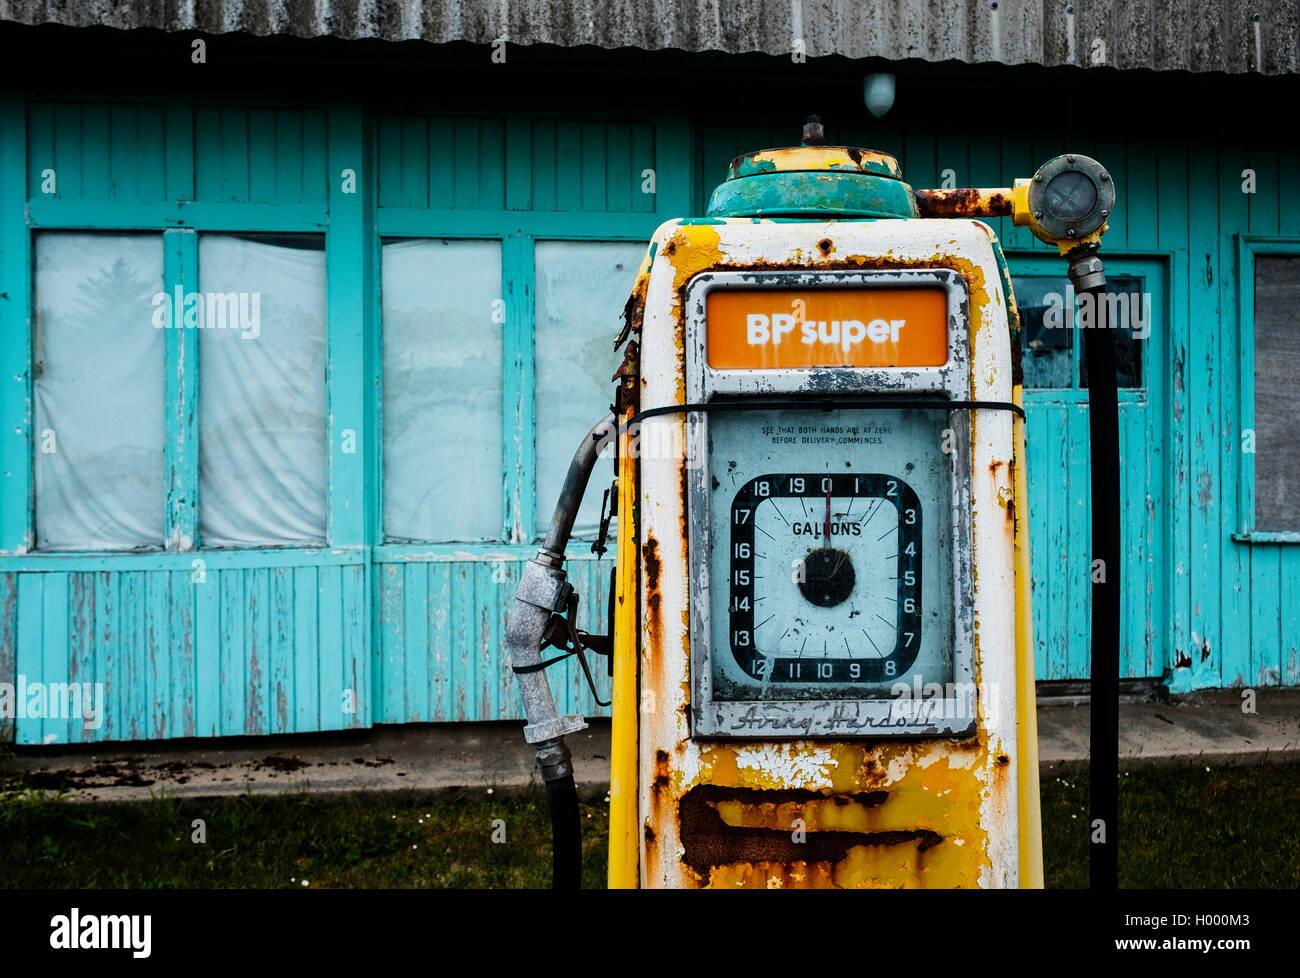 Alte Tankstelle, nostalgische Zapfsäule, Brora, Highland, Schottland, Vereinigtes Königreich Stockbild